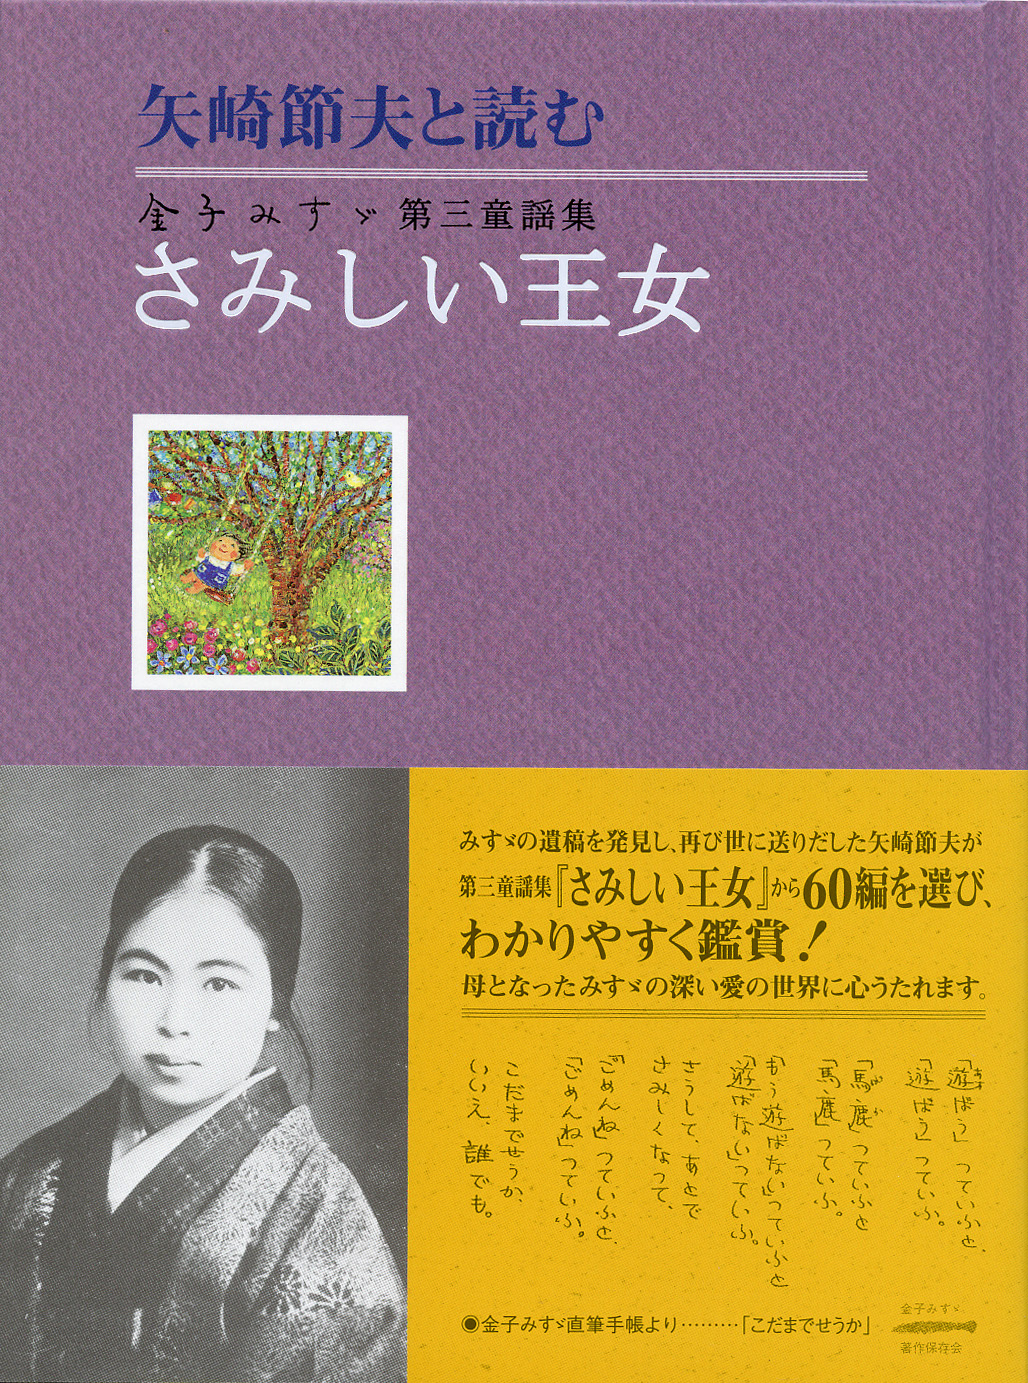 矢崎節夫と読む金子みすゞ第三童謡集 さみしい王女